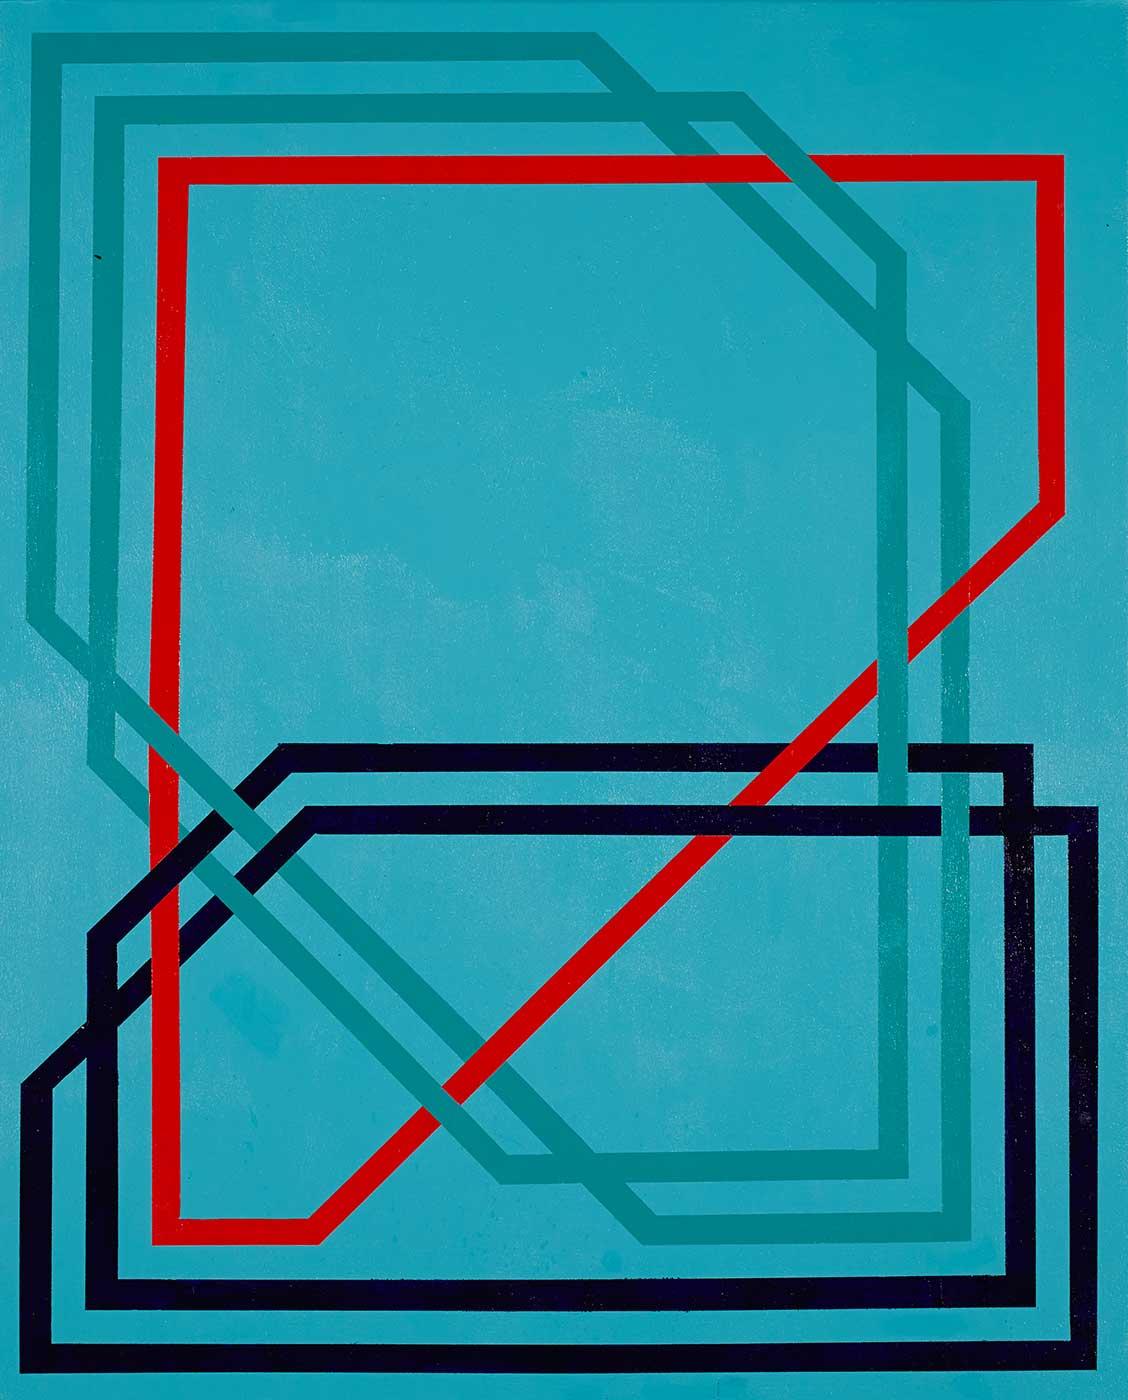 Shaheer Zazai - Untitled/New New III